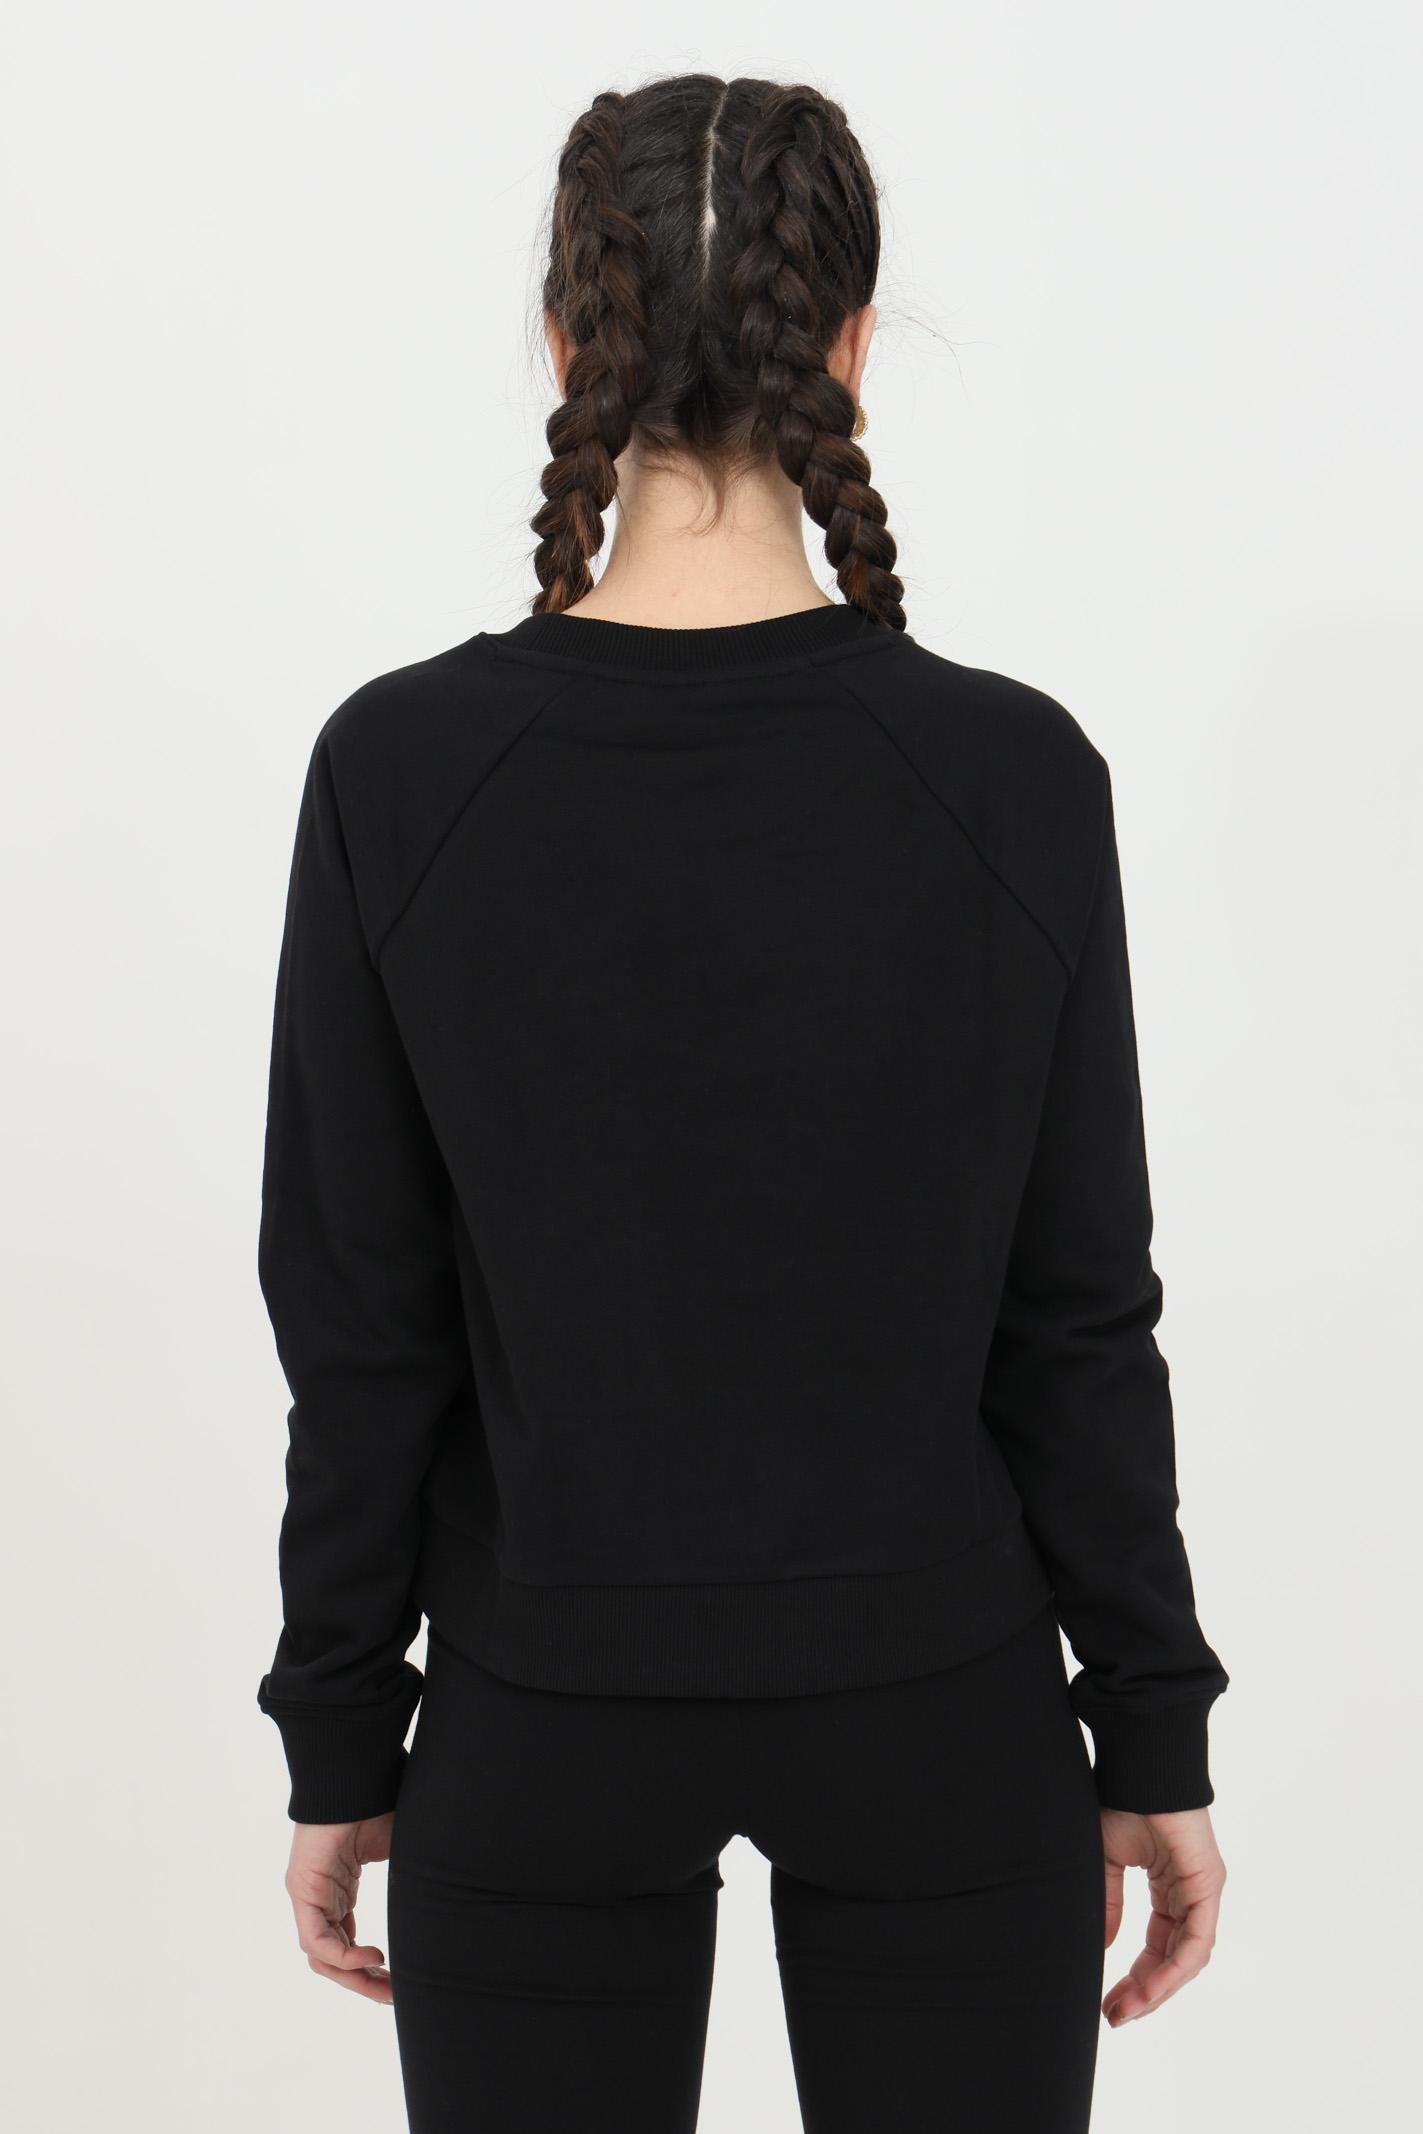 Felpa donna nero vans girocollo in tinta unita con logo frontale a contrasto, fondo e polsini elastici. Modello comodo VANS   Felpe   VN0A47THBLK1BLK1